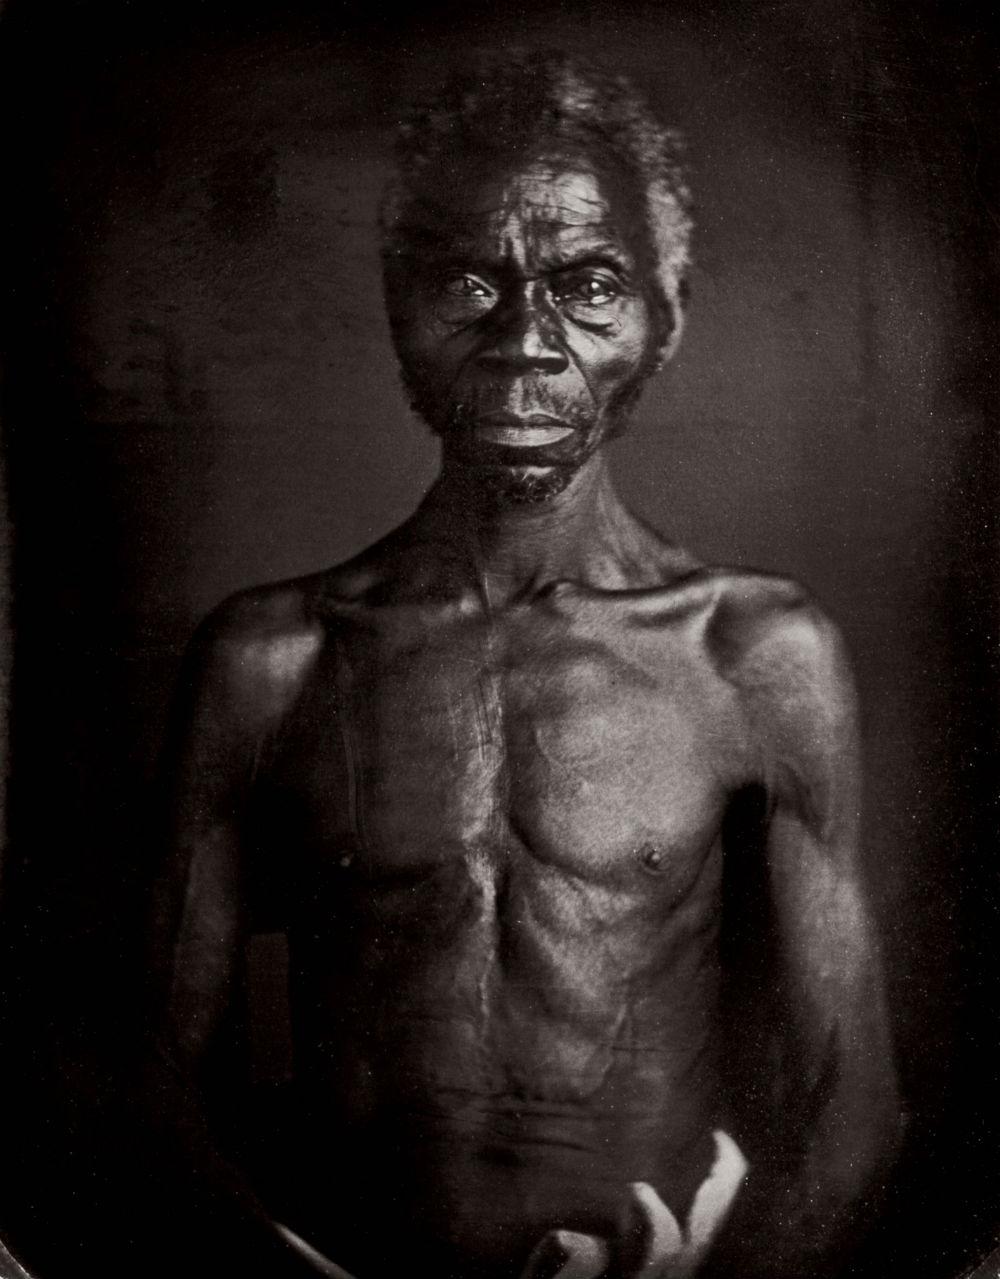 Histoire de l'esclavage : une série-documentaire d'une profondeur inédite